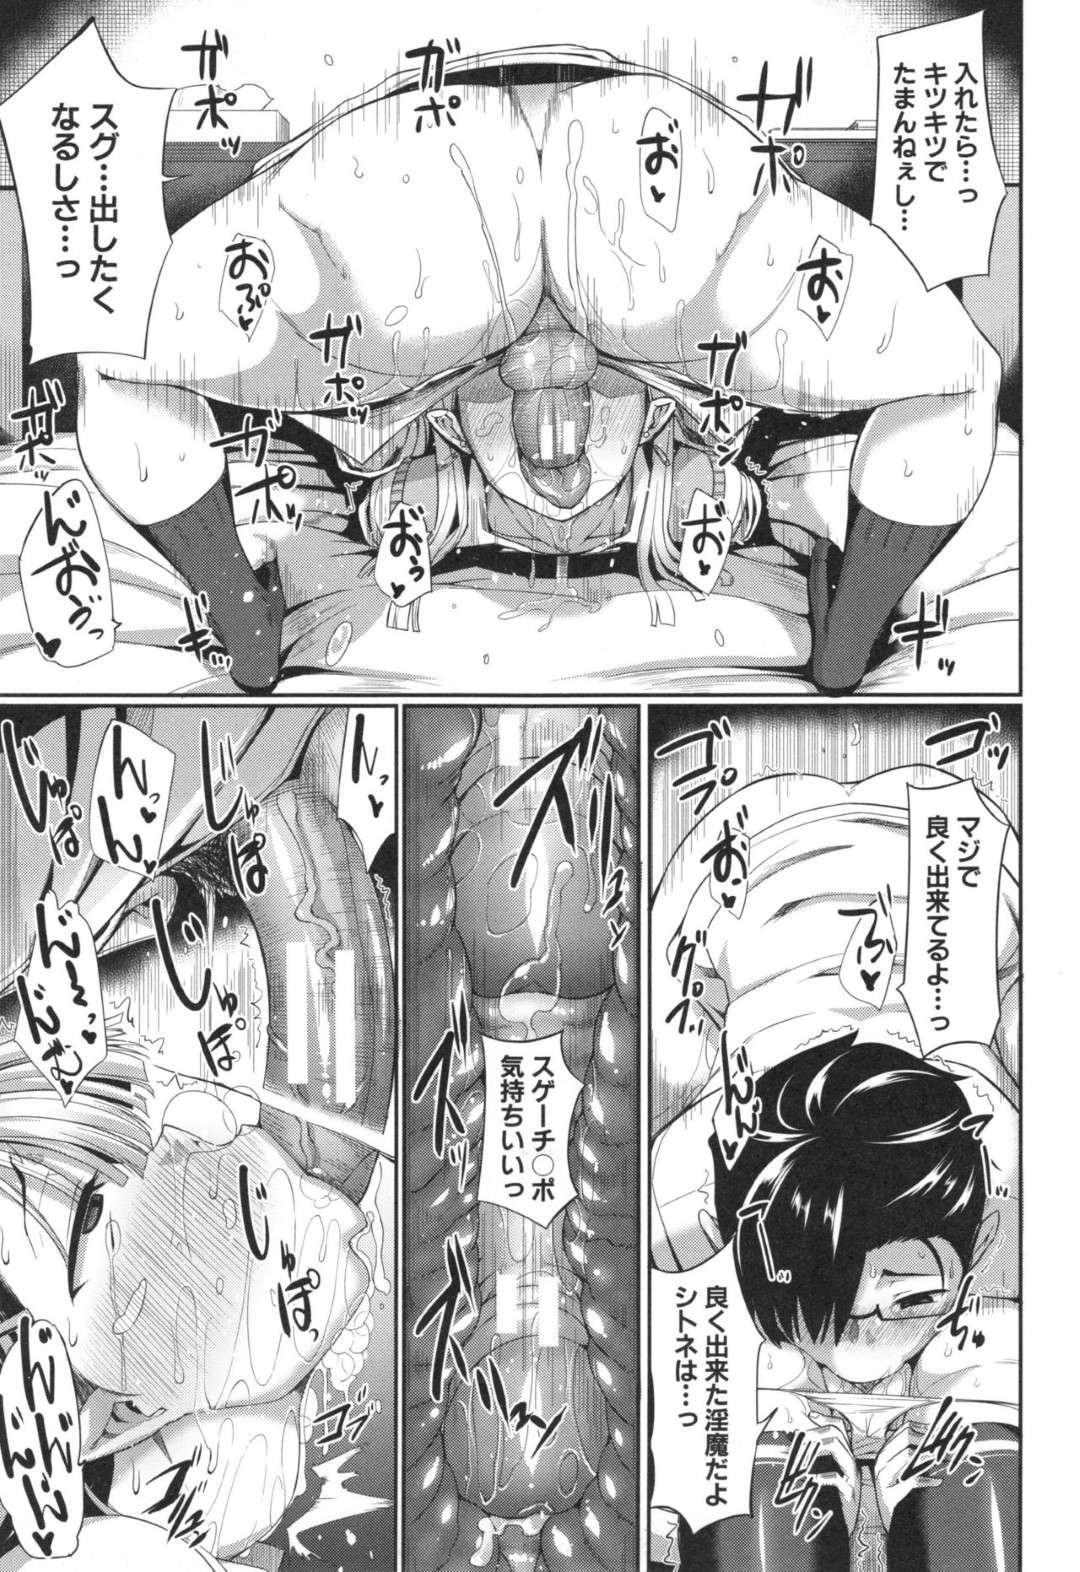 【エロ漫画】主人公とエッチする淫乱サキュバスJK…発情して積極的に求める彼女はフェラ抜きしたり、生ハメ中出しセックスしたりとヤりまくる!【Fue:淫魔のミカタ!~発情チ○ポとカモネギマザー~】